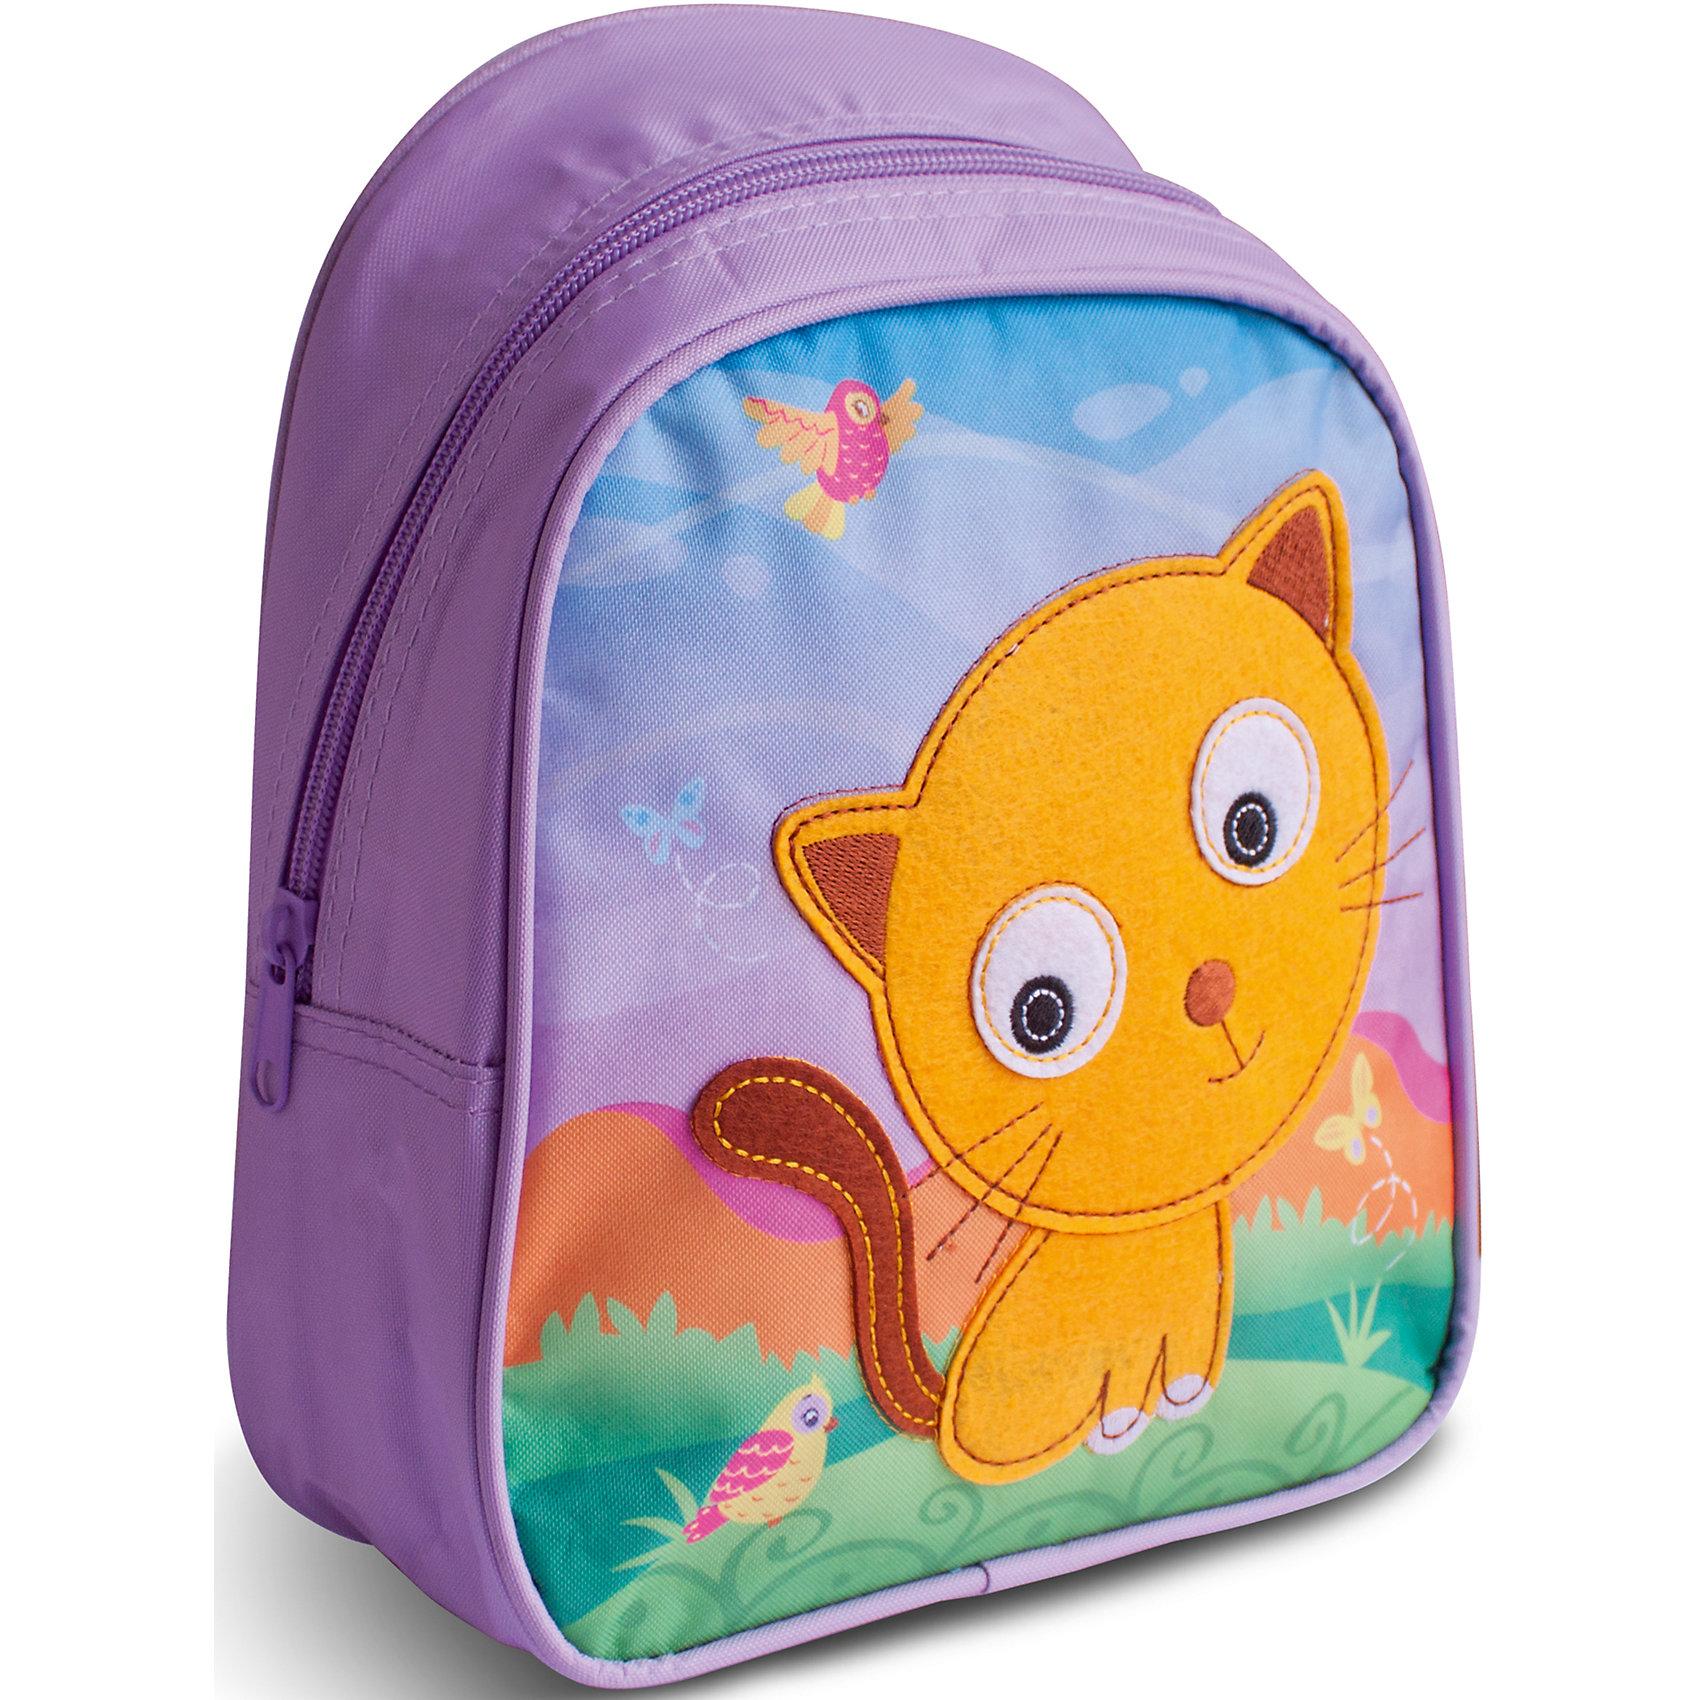 Дошкольный рюкзак КотДетские рюкзаки<br>Очаровательный рюкзачок «Кот» от компании «РОСМЭН» – это невероятно привлекательный аксессуар для вашего малыша. В его внутреннем отделении на молнии легко поместятся не только игрушки, но даже тетрадка или книжка. Благодаря регулируемым лямкам, рюкзачок подходит детям любого роста. Удобная ручка помогает носить аксессуар в руке или размещать на вешалке. Изделие изготовлено из износостойкой, водонепроницаемой ткани, поэтому оно будет служить долгое время, сохраняя положенные в него вещи сухими даже в дождливую погоду. Рюкзачок декорирован аппликацией из фетра в виде милого котика, вышивкой и цветным принтом (сублимированной печатью). Размер: 23х19х8 см.<br><br>Ширина мм: 255<br>Глубина мм: 210<br>Высота мм: 25<br>Вес г: 153<br>Возраст от месяцев: 36<br>Возраст до месяцев: 72<br>Пол: Унисекс<br>Возраст: Детский<br>SKU: 4635131